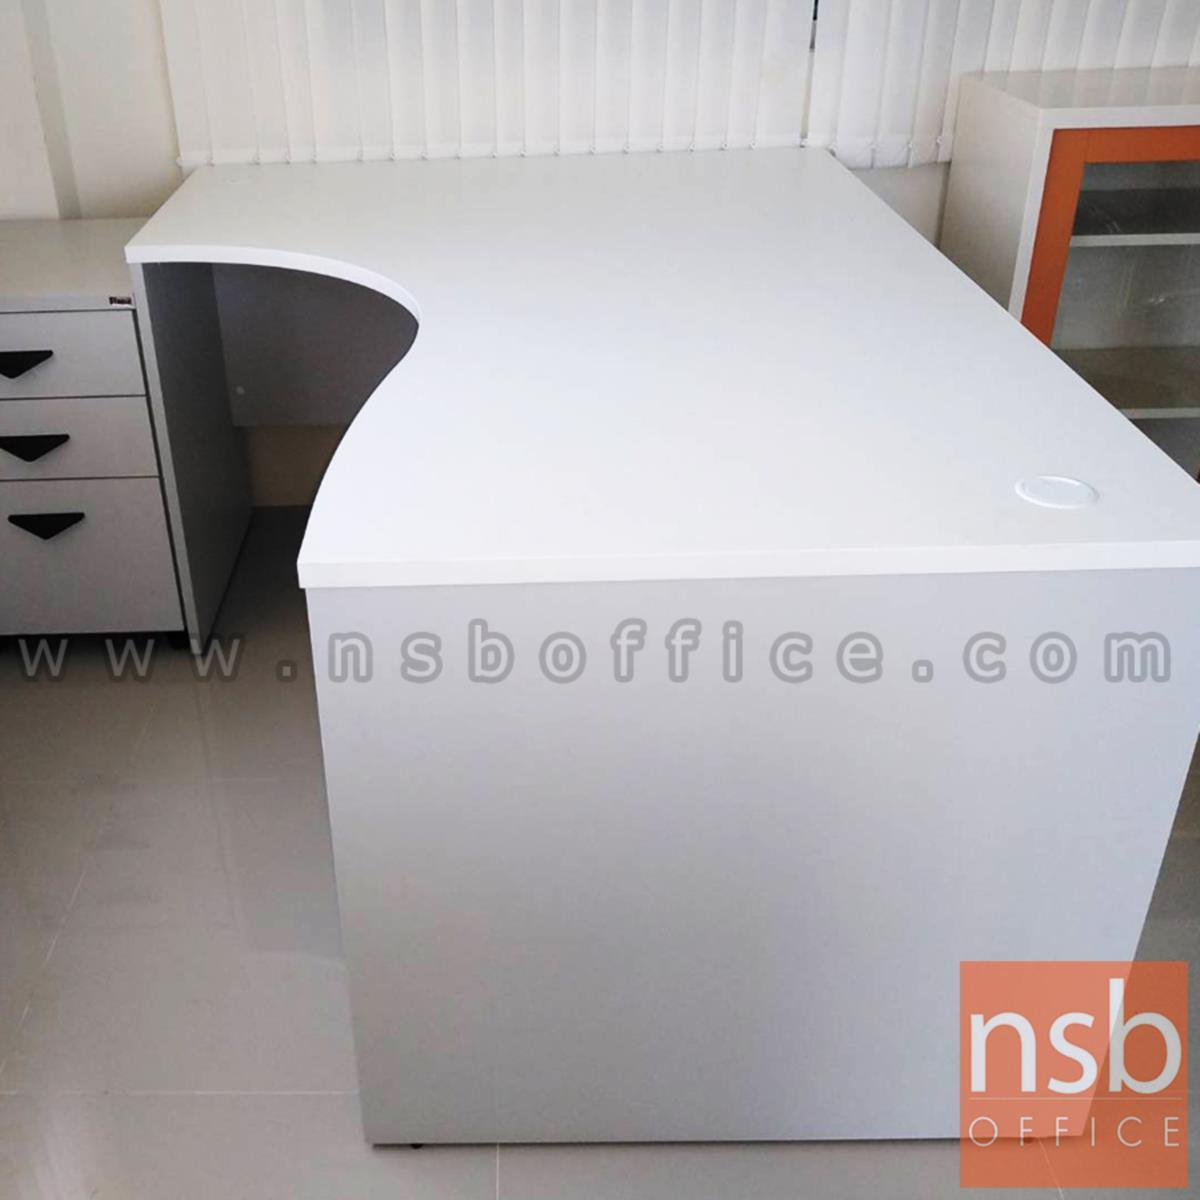 โต๊ะทำงานตัวแอลหน้าโค้งเว้า   รุ่น Simpson (ซิมป์สัน) ขนาด 150W1 ,165W1 ,180W1*120W2 cm.  เมลามีน